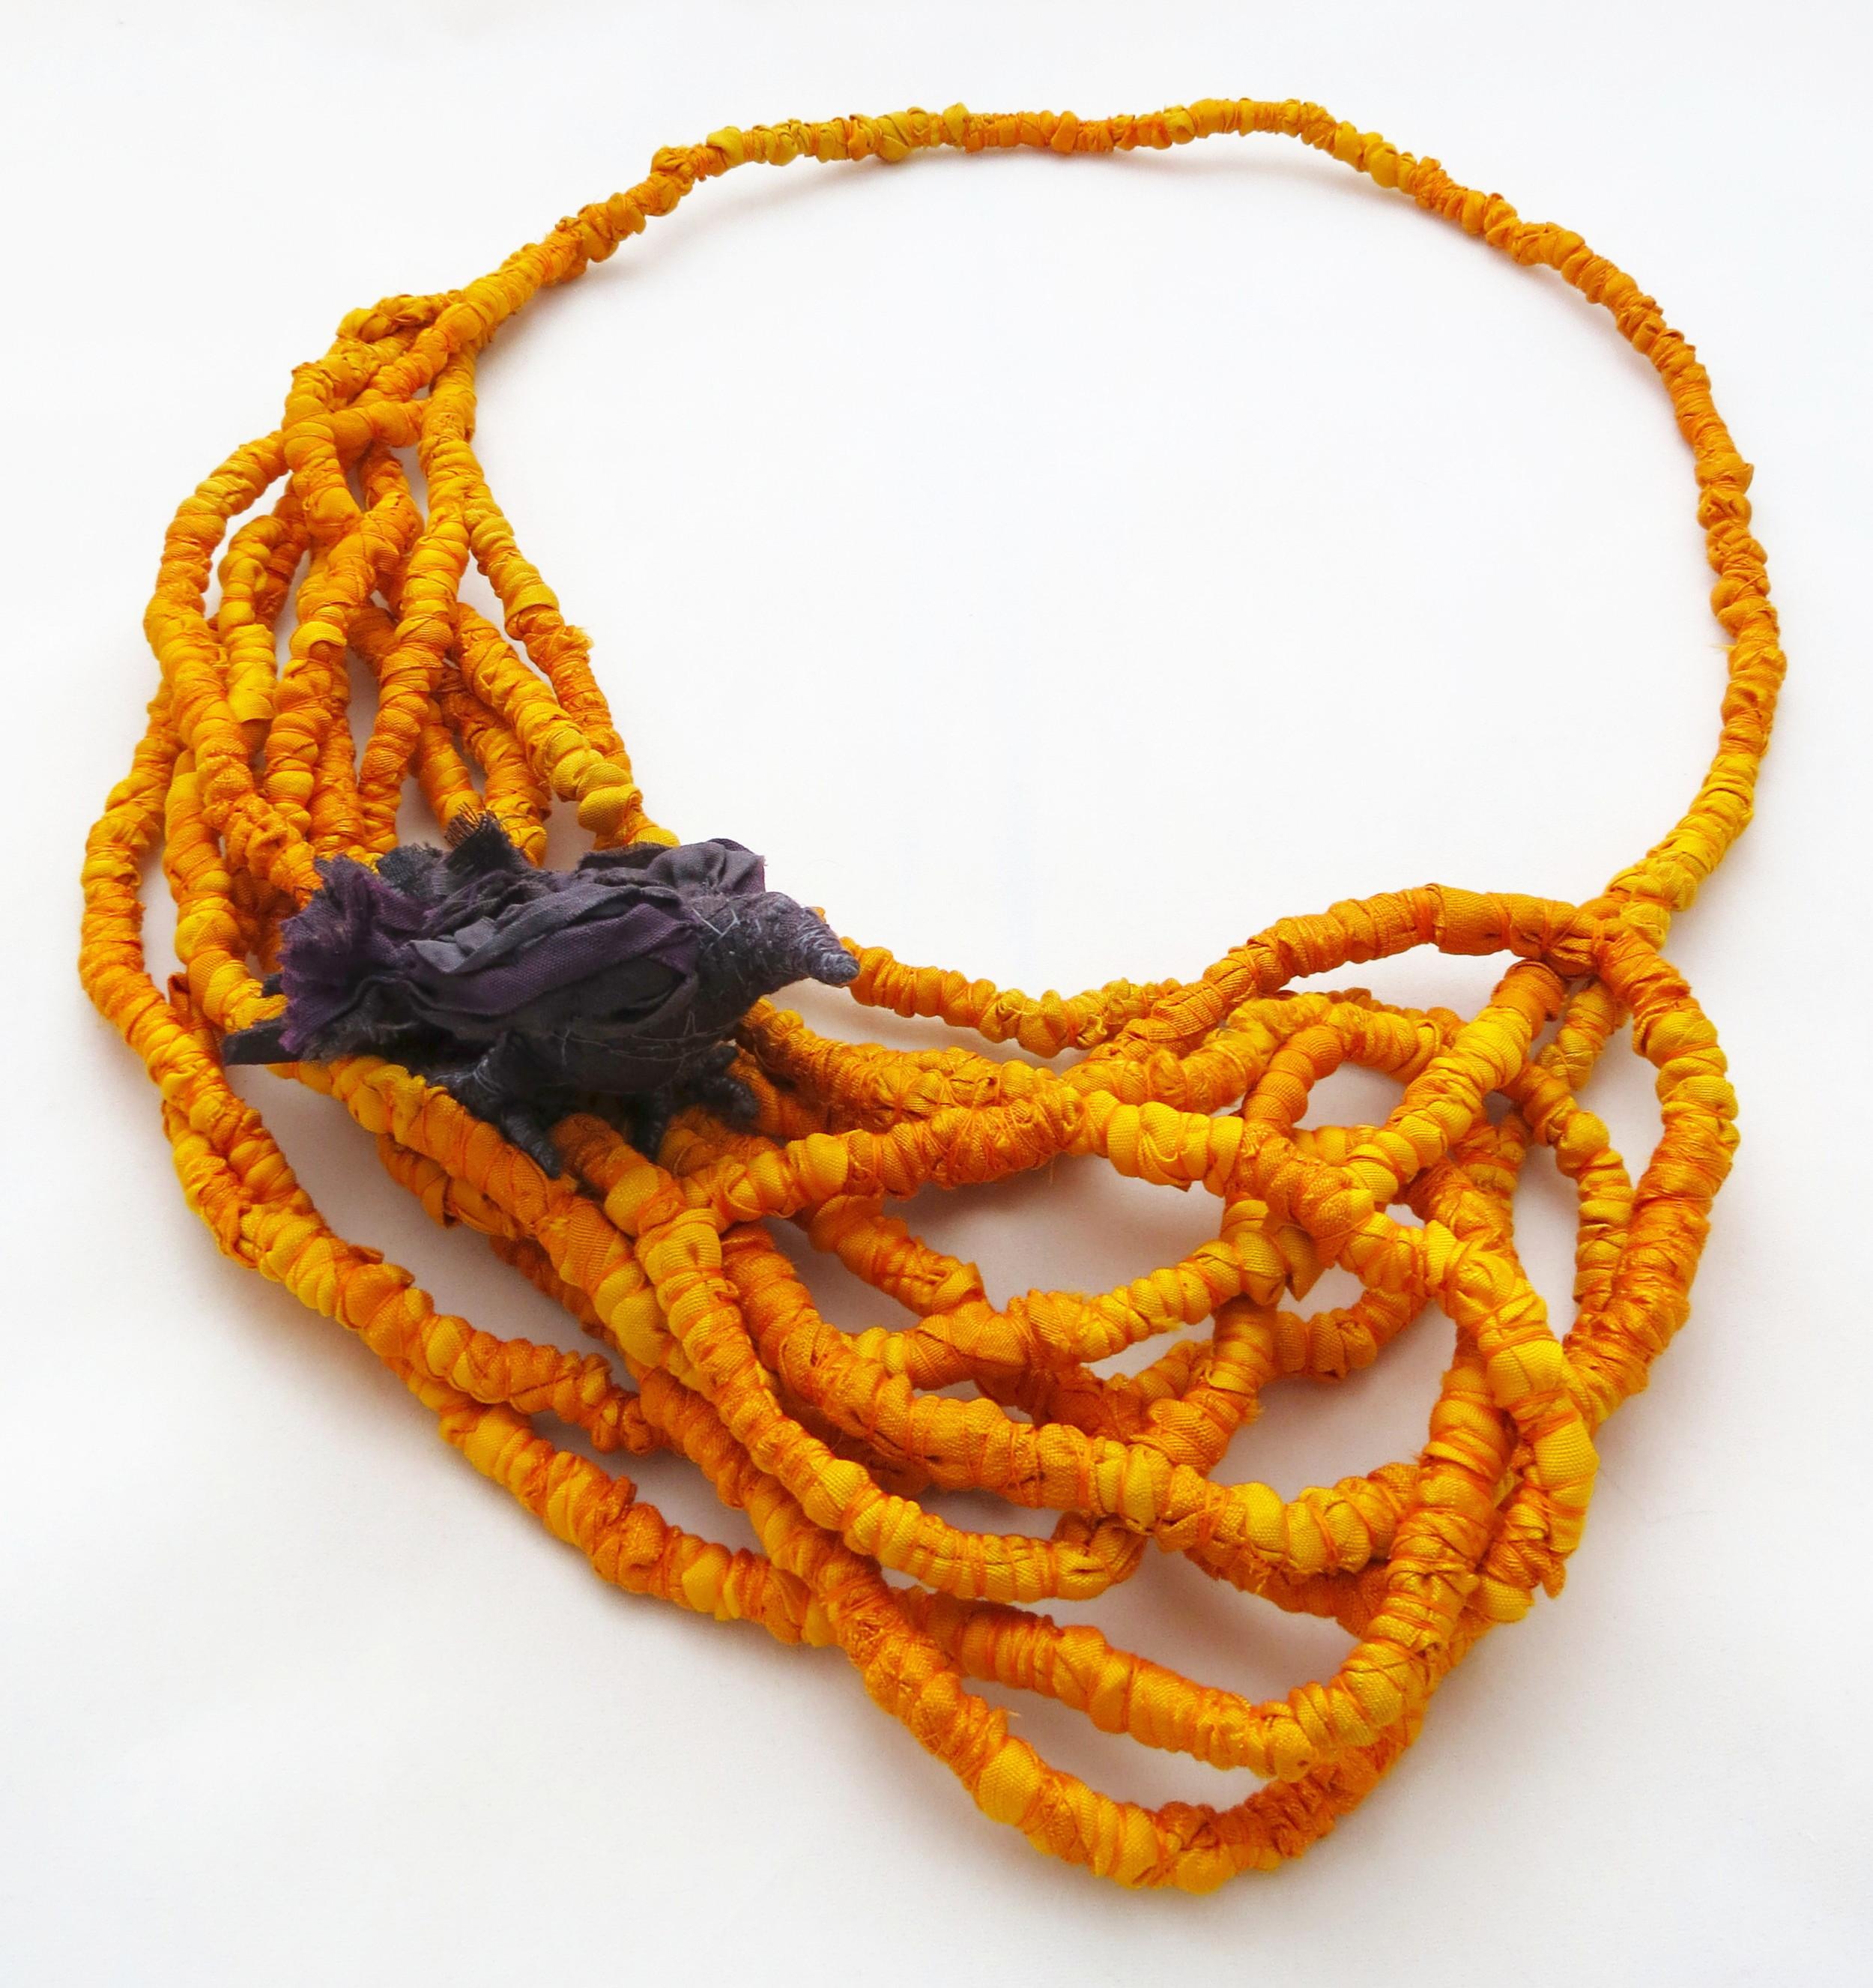 Harvest – Francesca Cecchini (2014), necklace // Materials: repurposed sari silk, thread, copper wire.